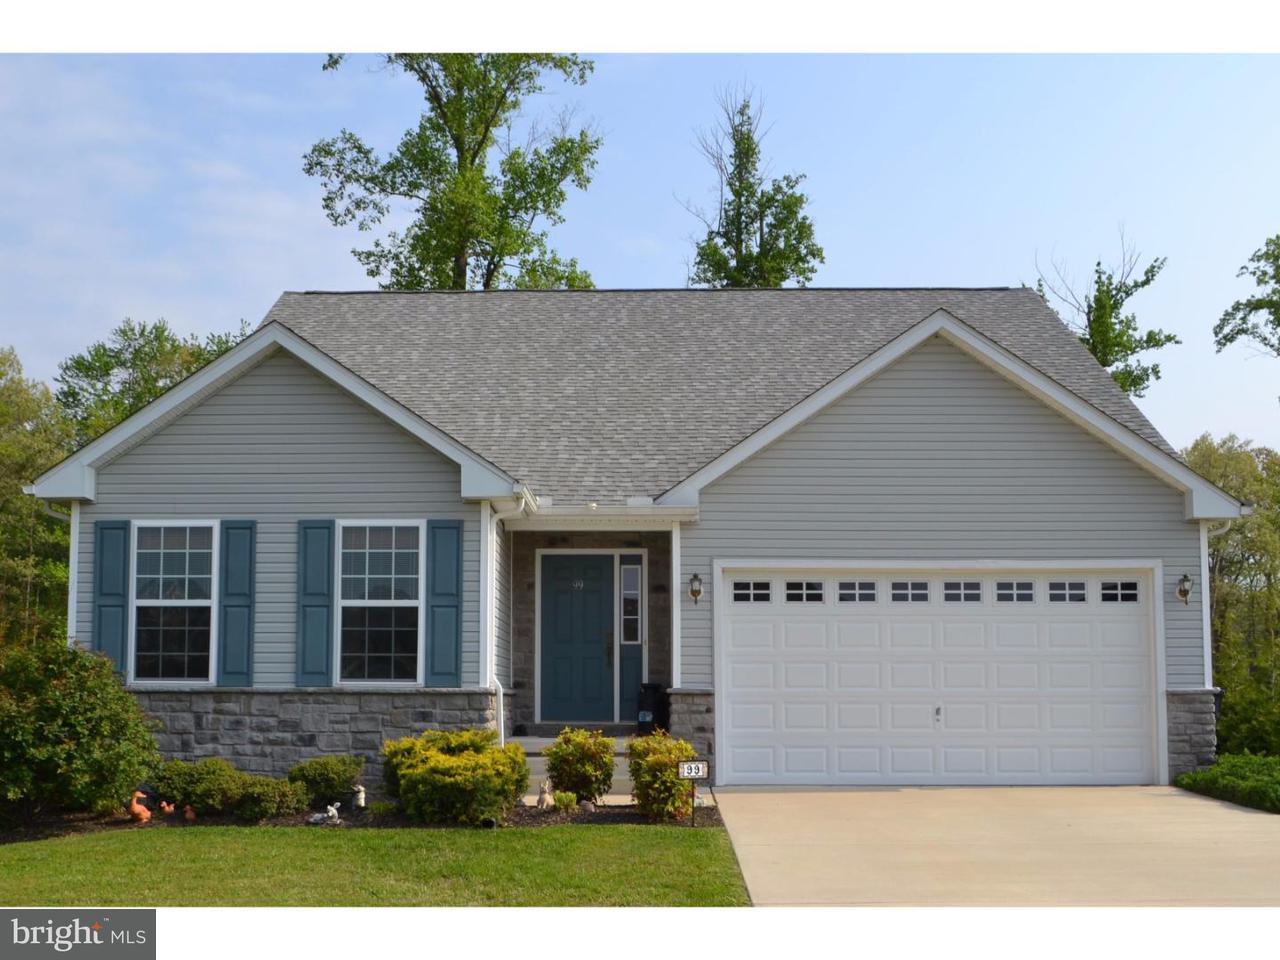 Casa Unifamiliar por un Alquiler en 99 STAR LIGHT Lane Milford, Delaware 19963 Estados Unidos